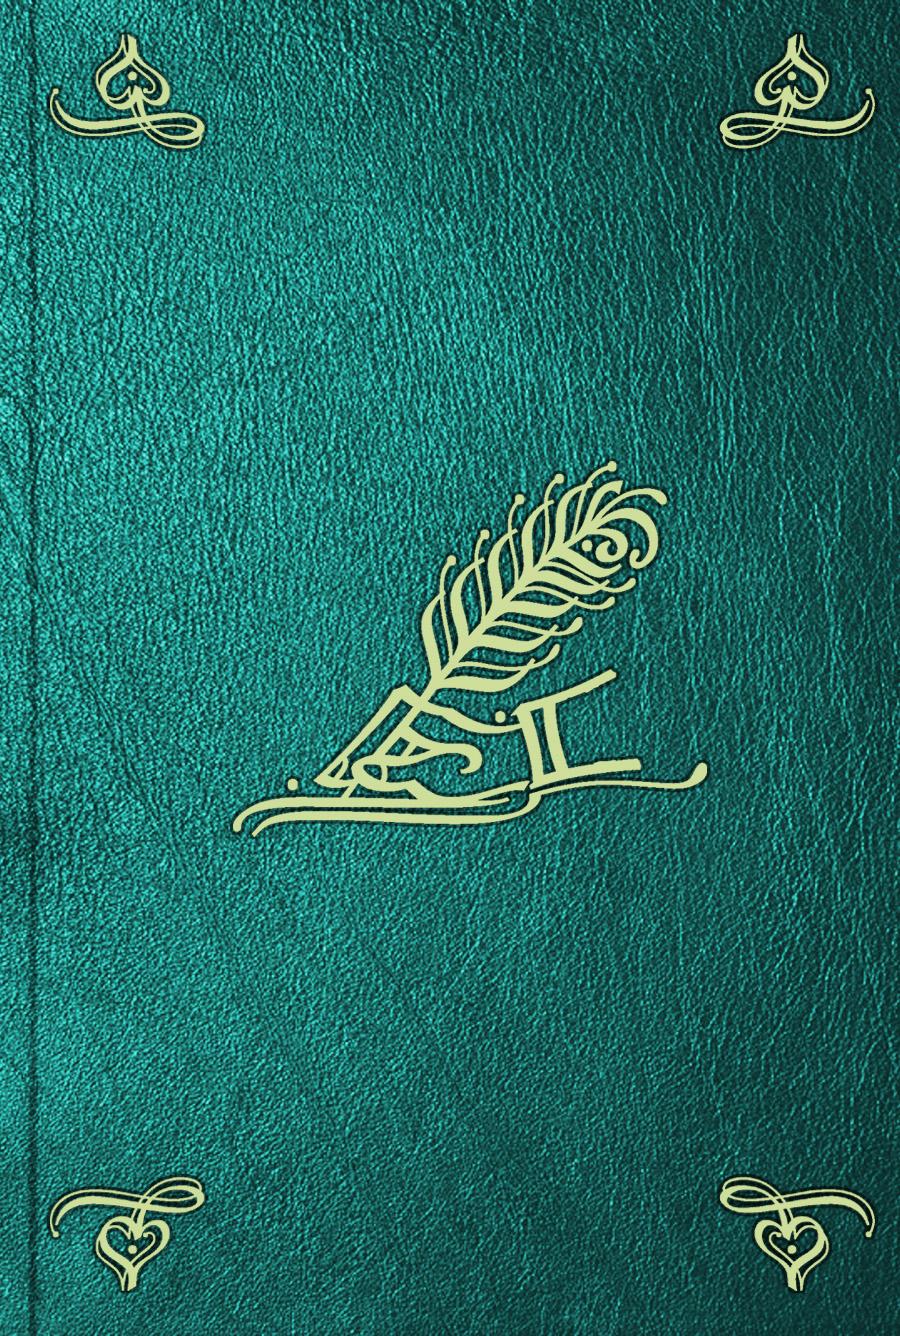 Francoise Motteville Memoires de mme de Motteville pour servir a l'histoire d'Anne d'Autriche. T. 11 françoise de motteville anne d autriche et la fronde d apres les memoires de madame de motteville